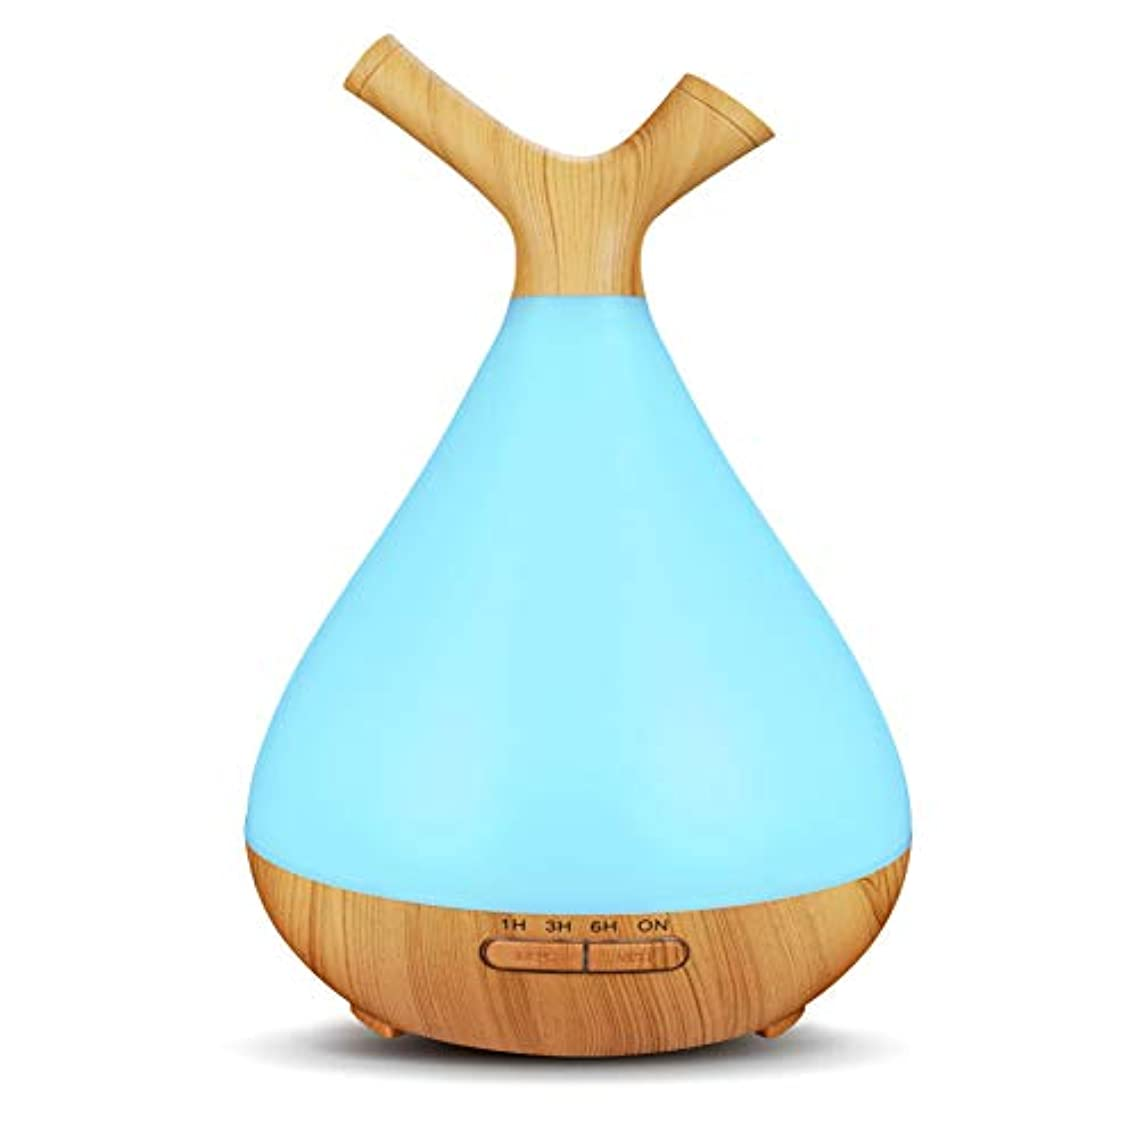 束十分ではない差別する木目 2 ノズル 7 色 加湿器,涼しい霧 時間 加湿機 調整可能 香り 精油 ディフューザー 空気を浄化 オフィス ベッド- 400ml